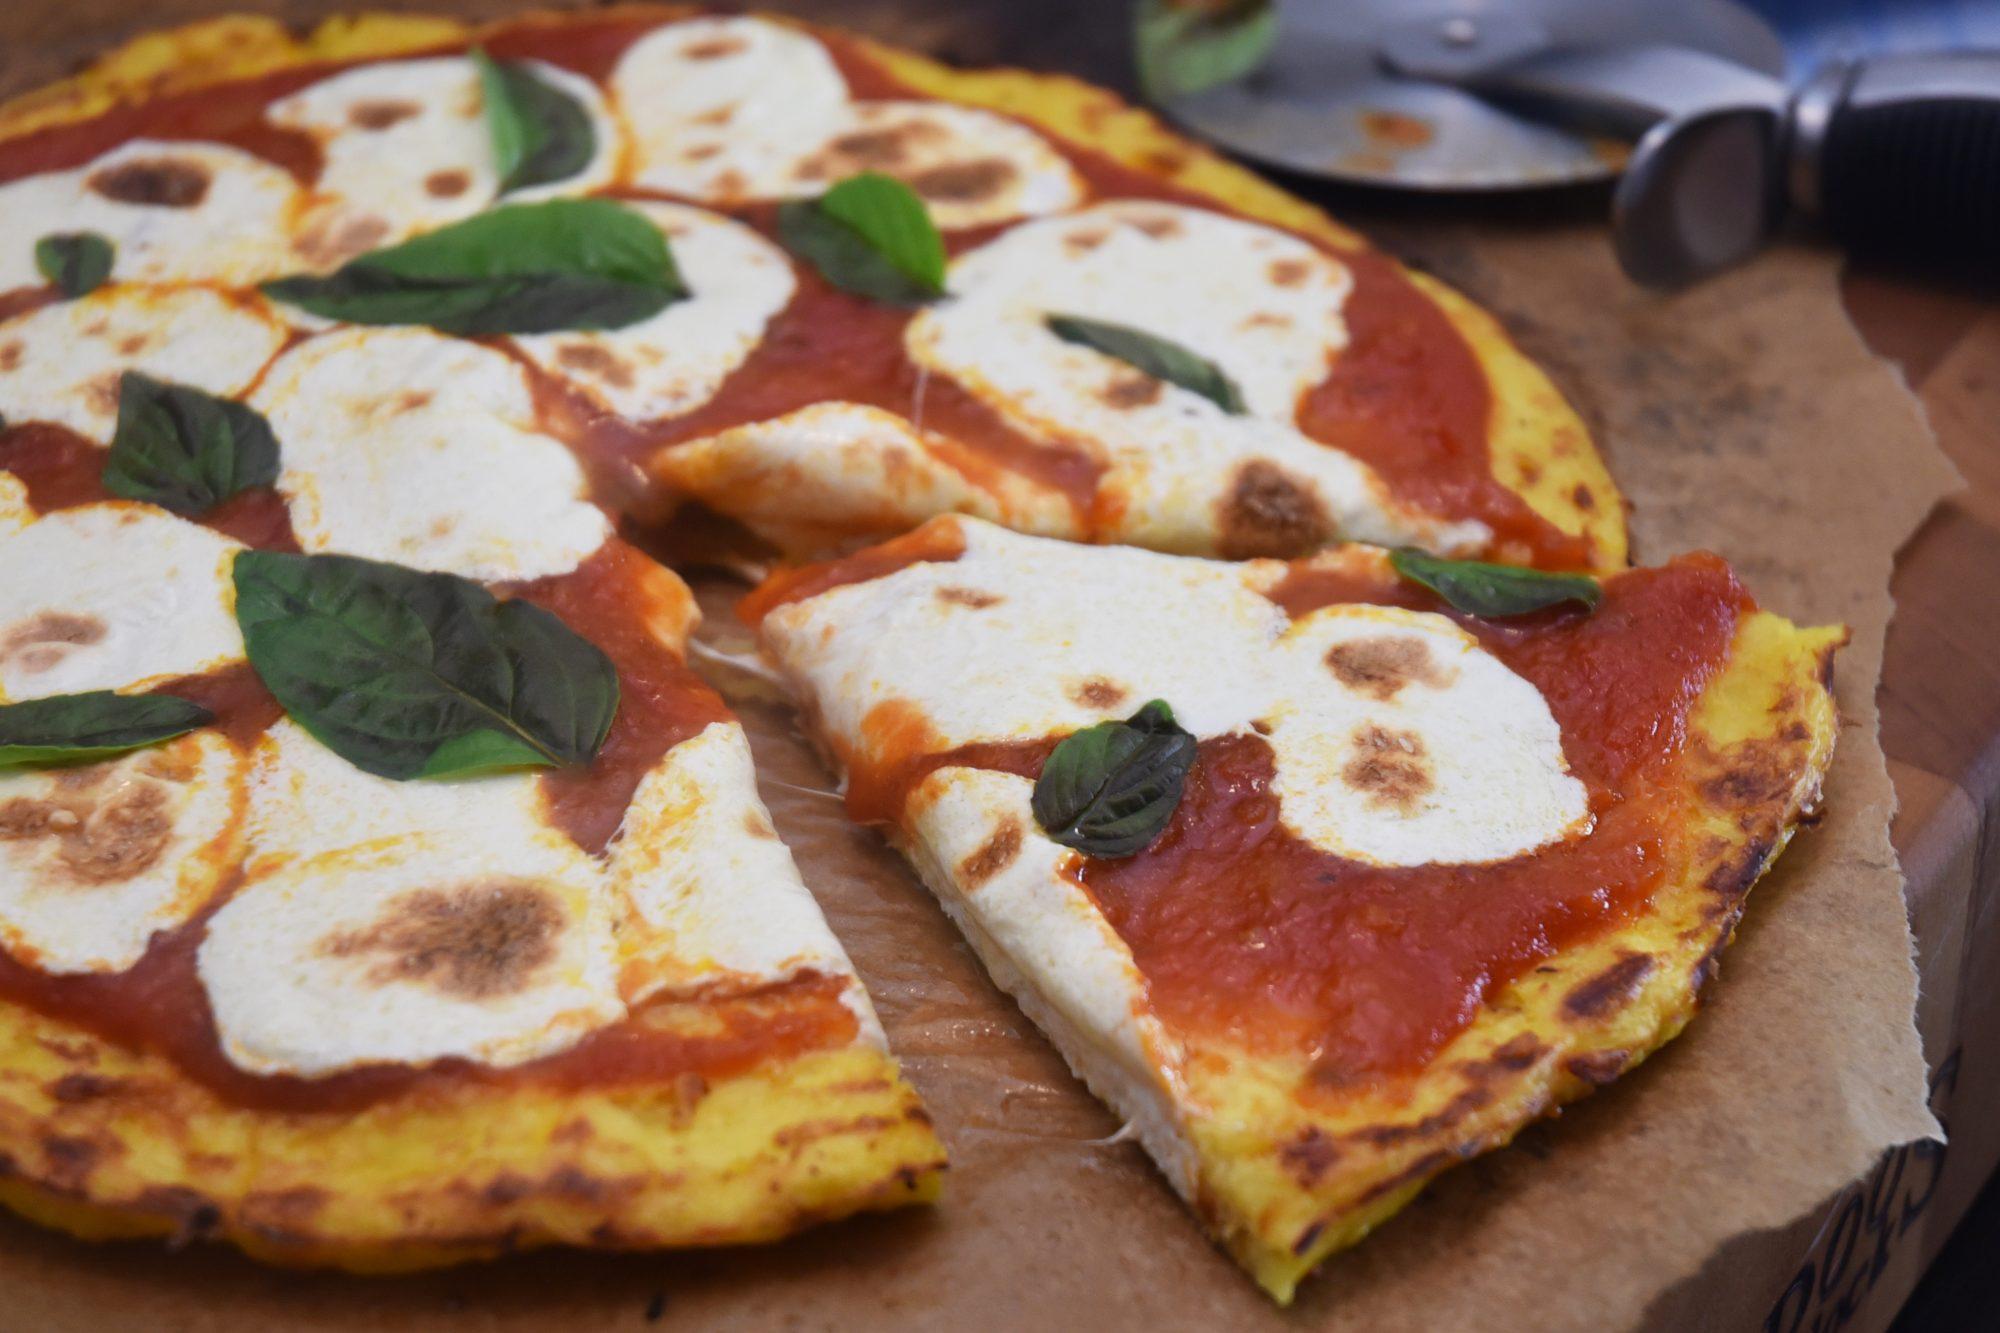 spaghettisquash-pizza-final-2.jpg